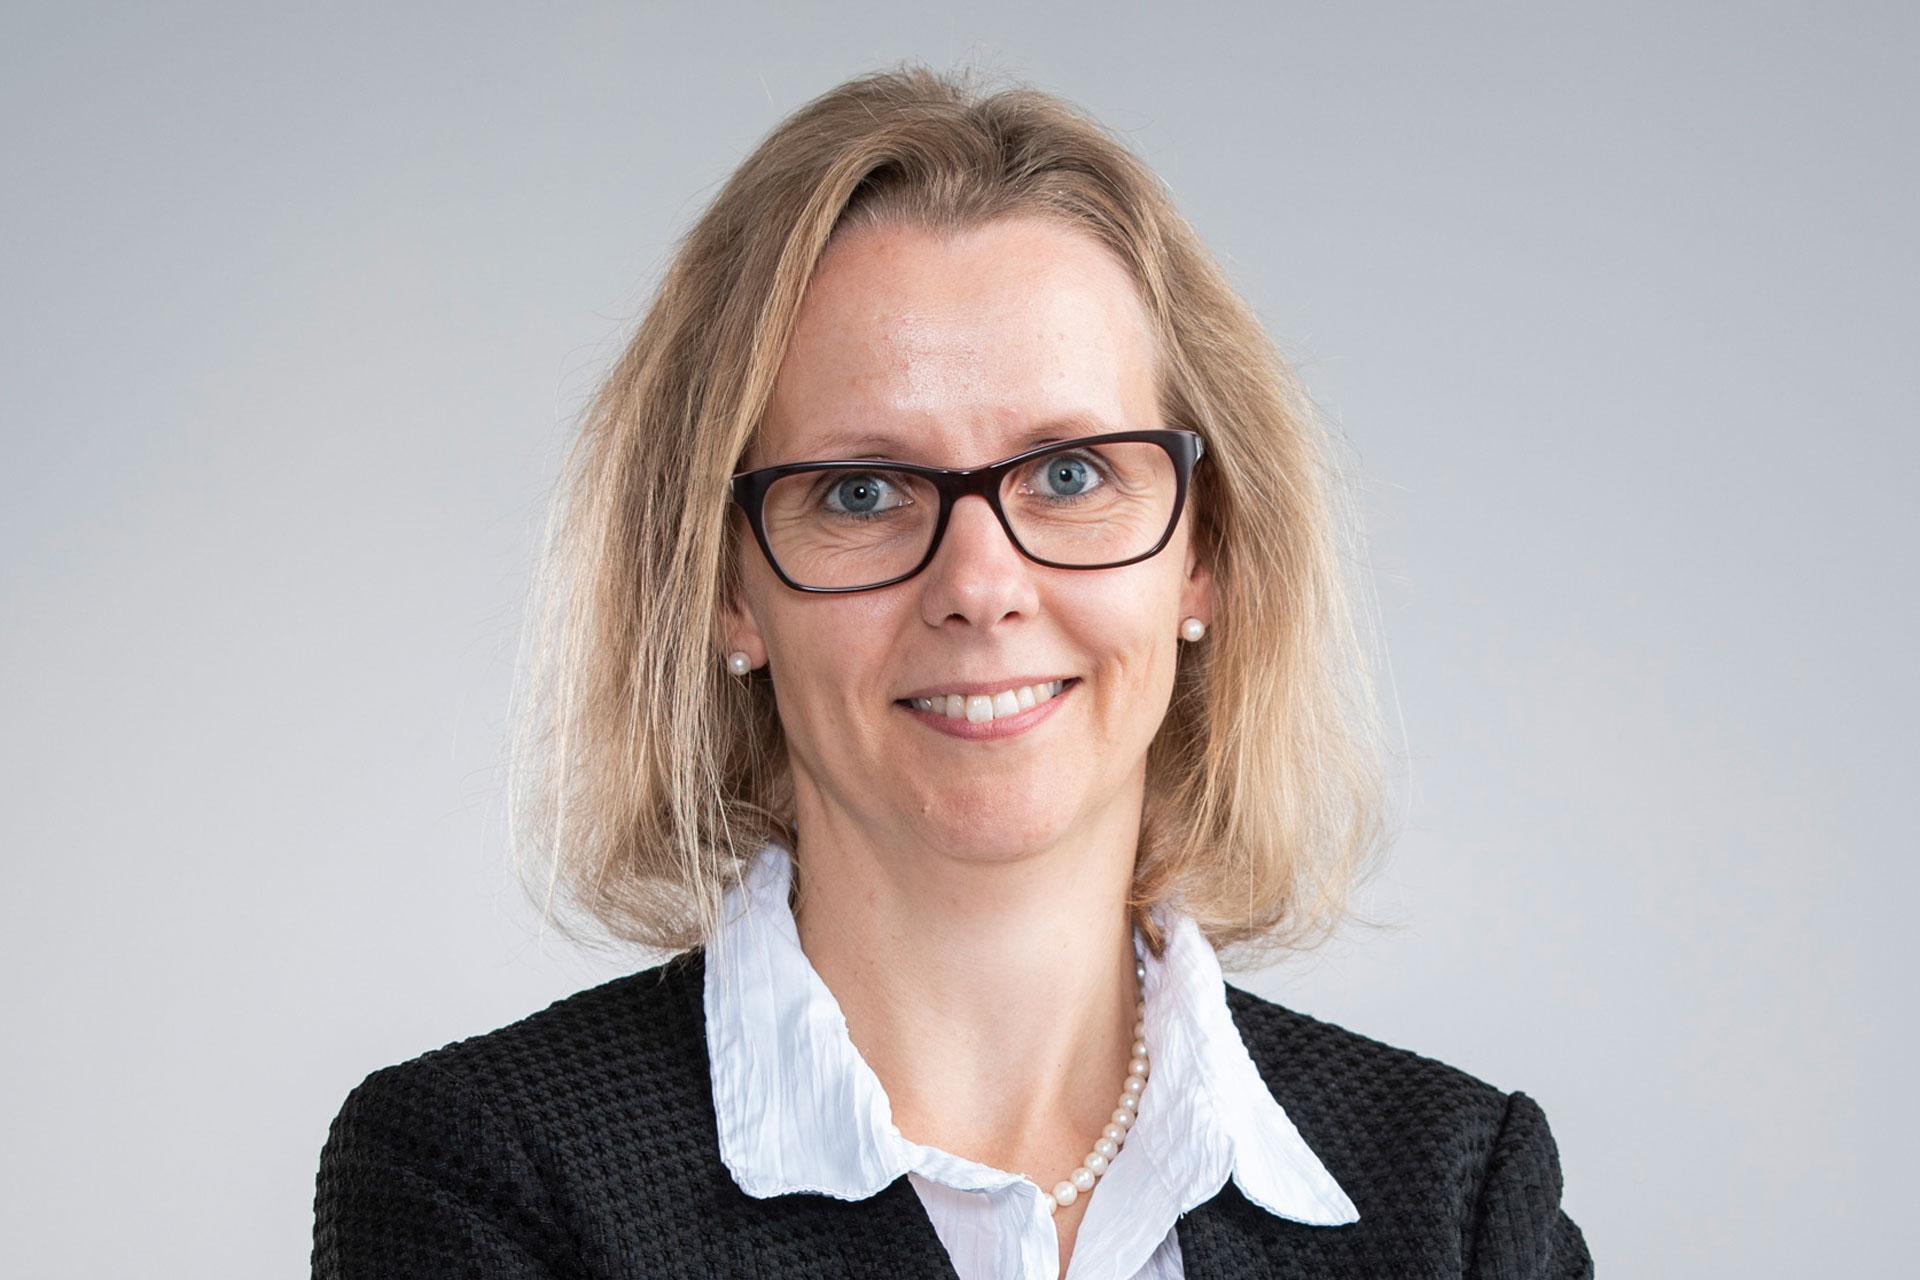 Anja Rupprecht